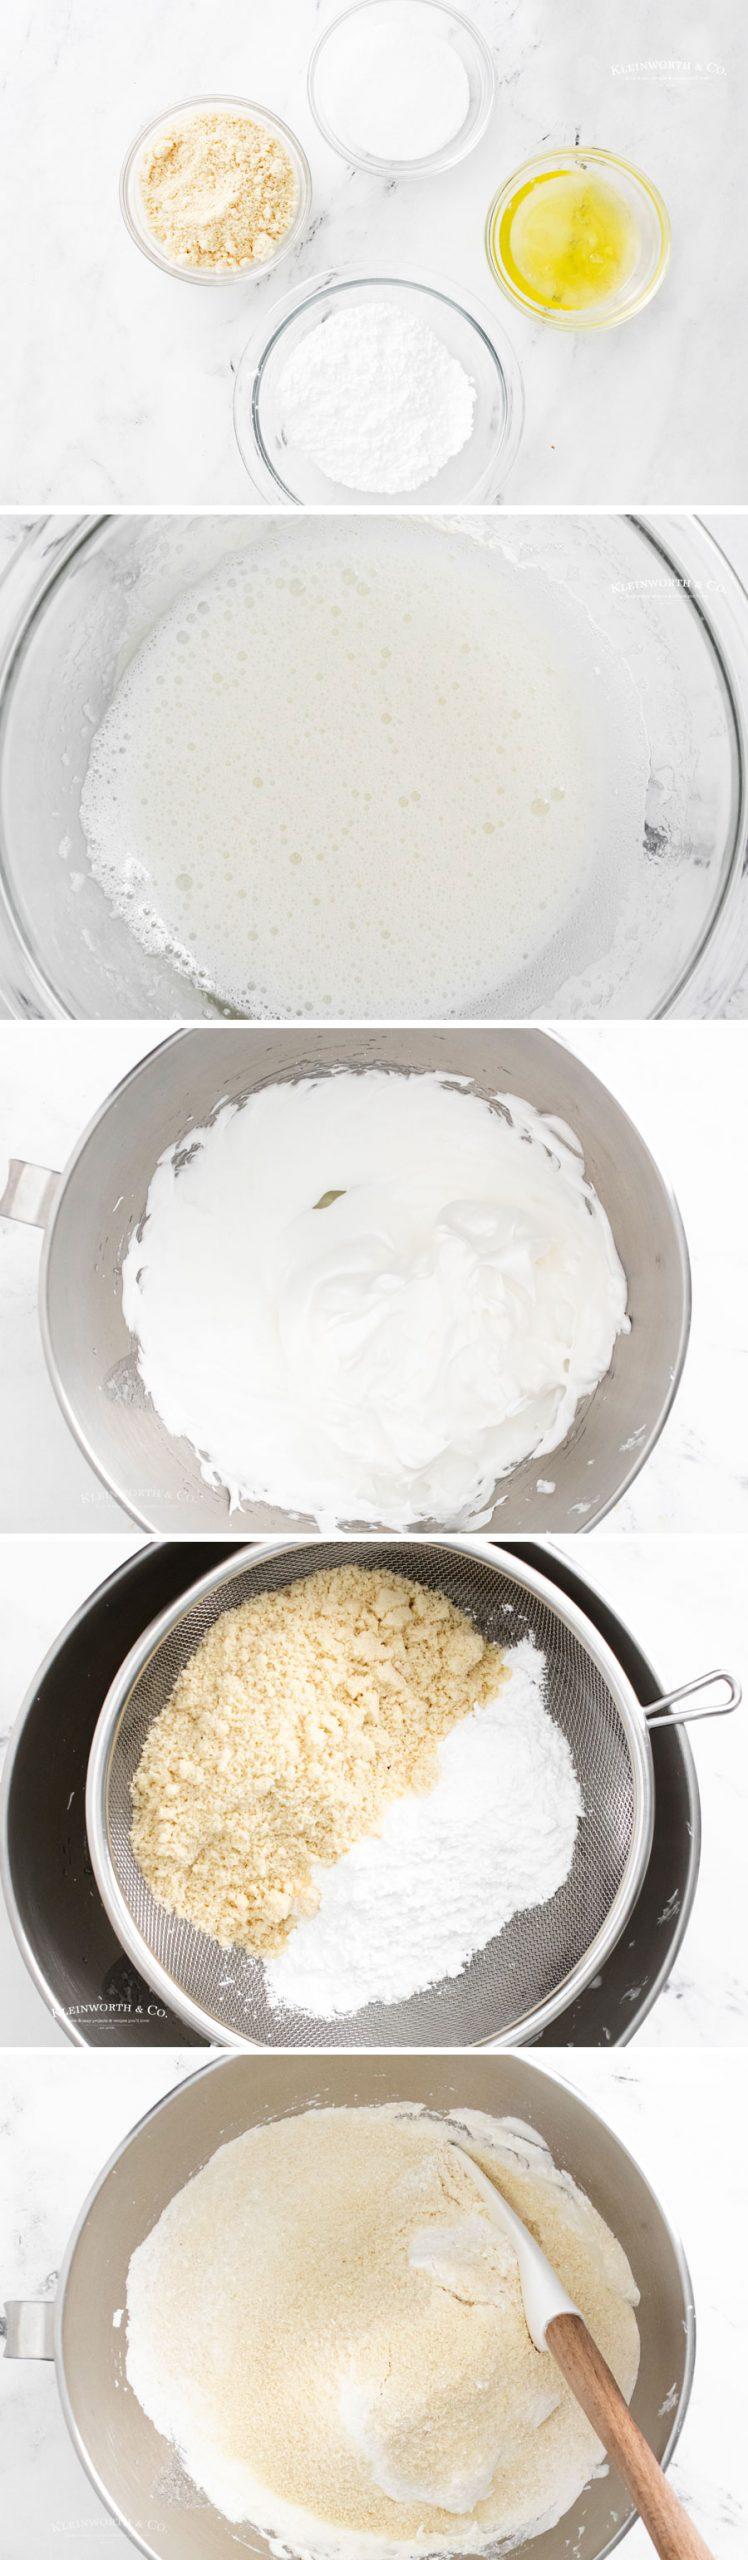 how to make Irish Cream Macarons 1